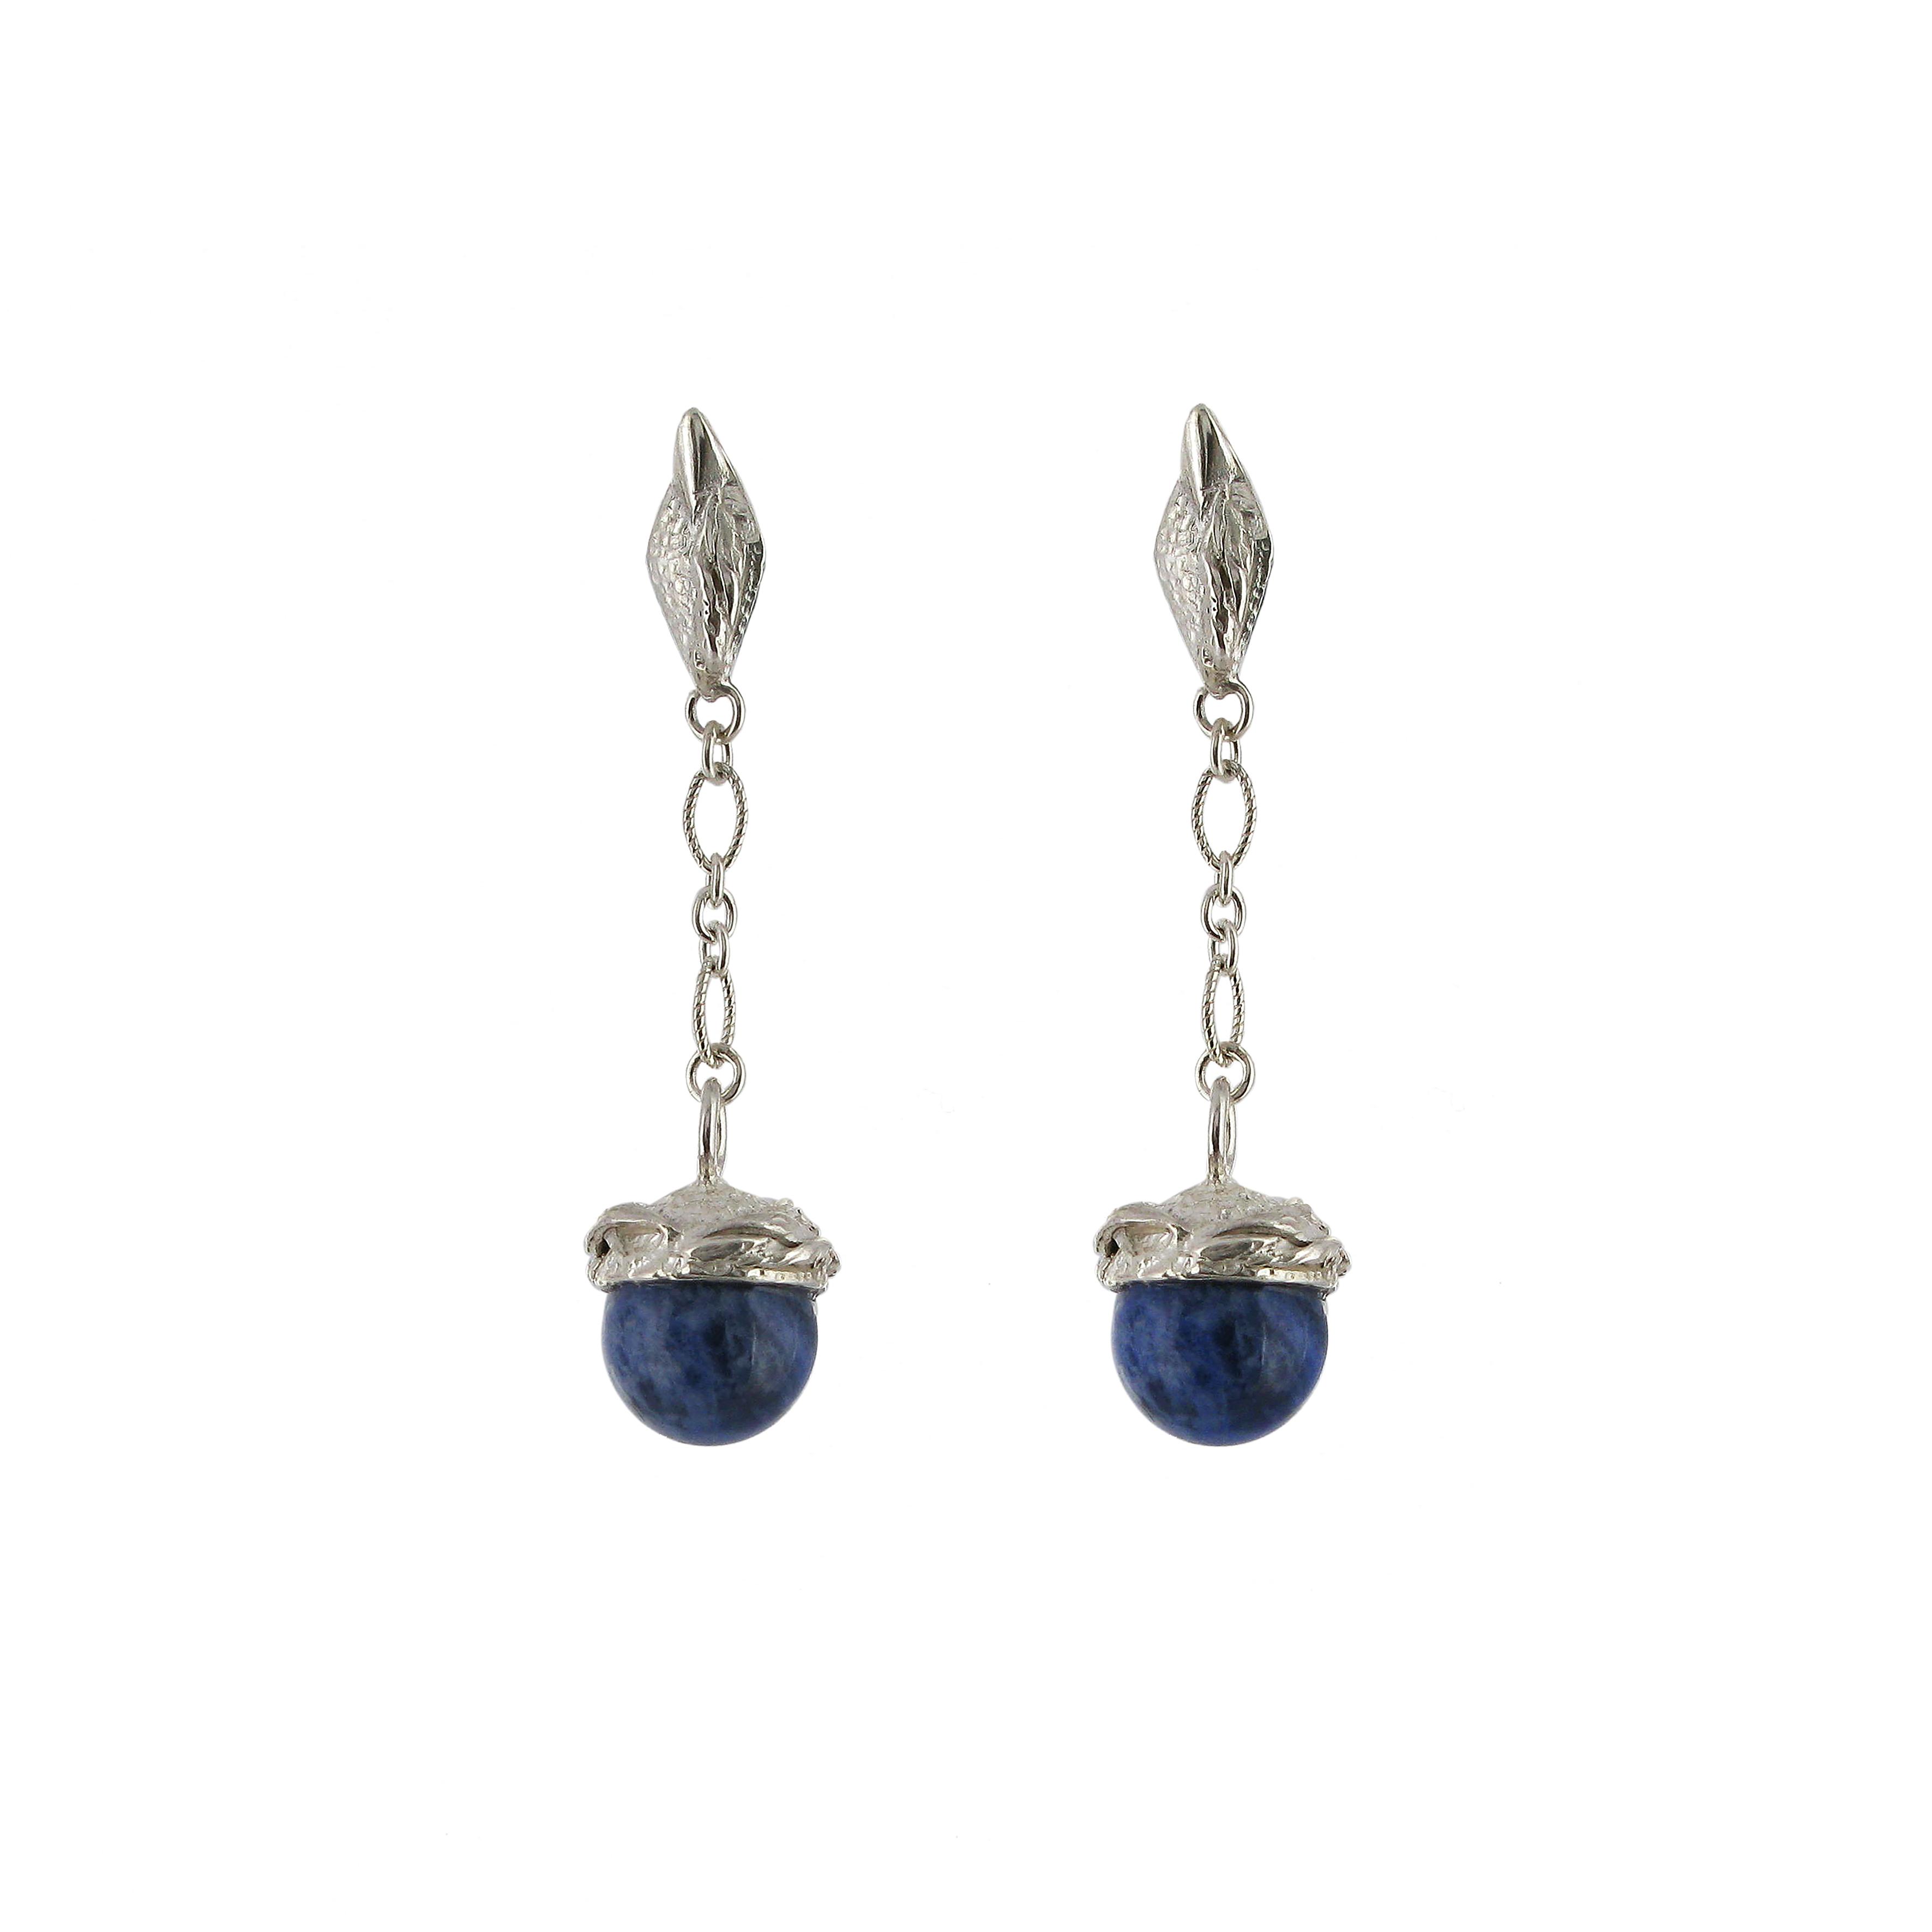 Seascape sodalite drop earrings